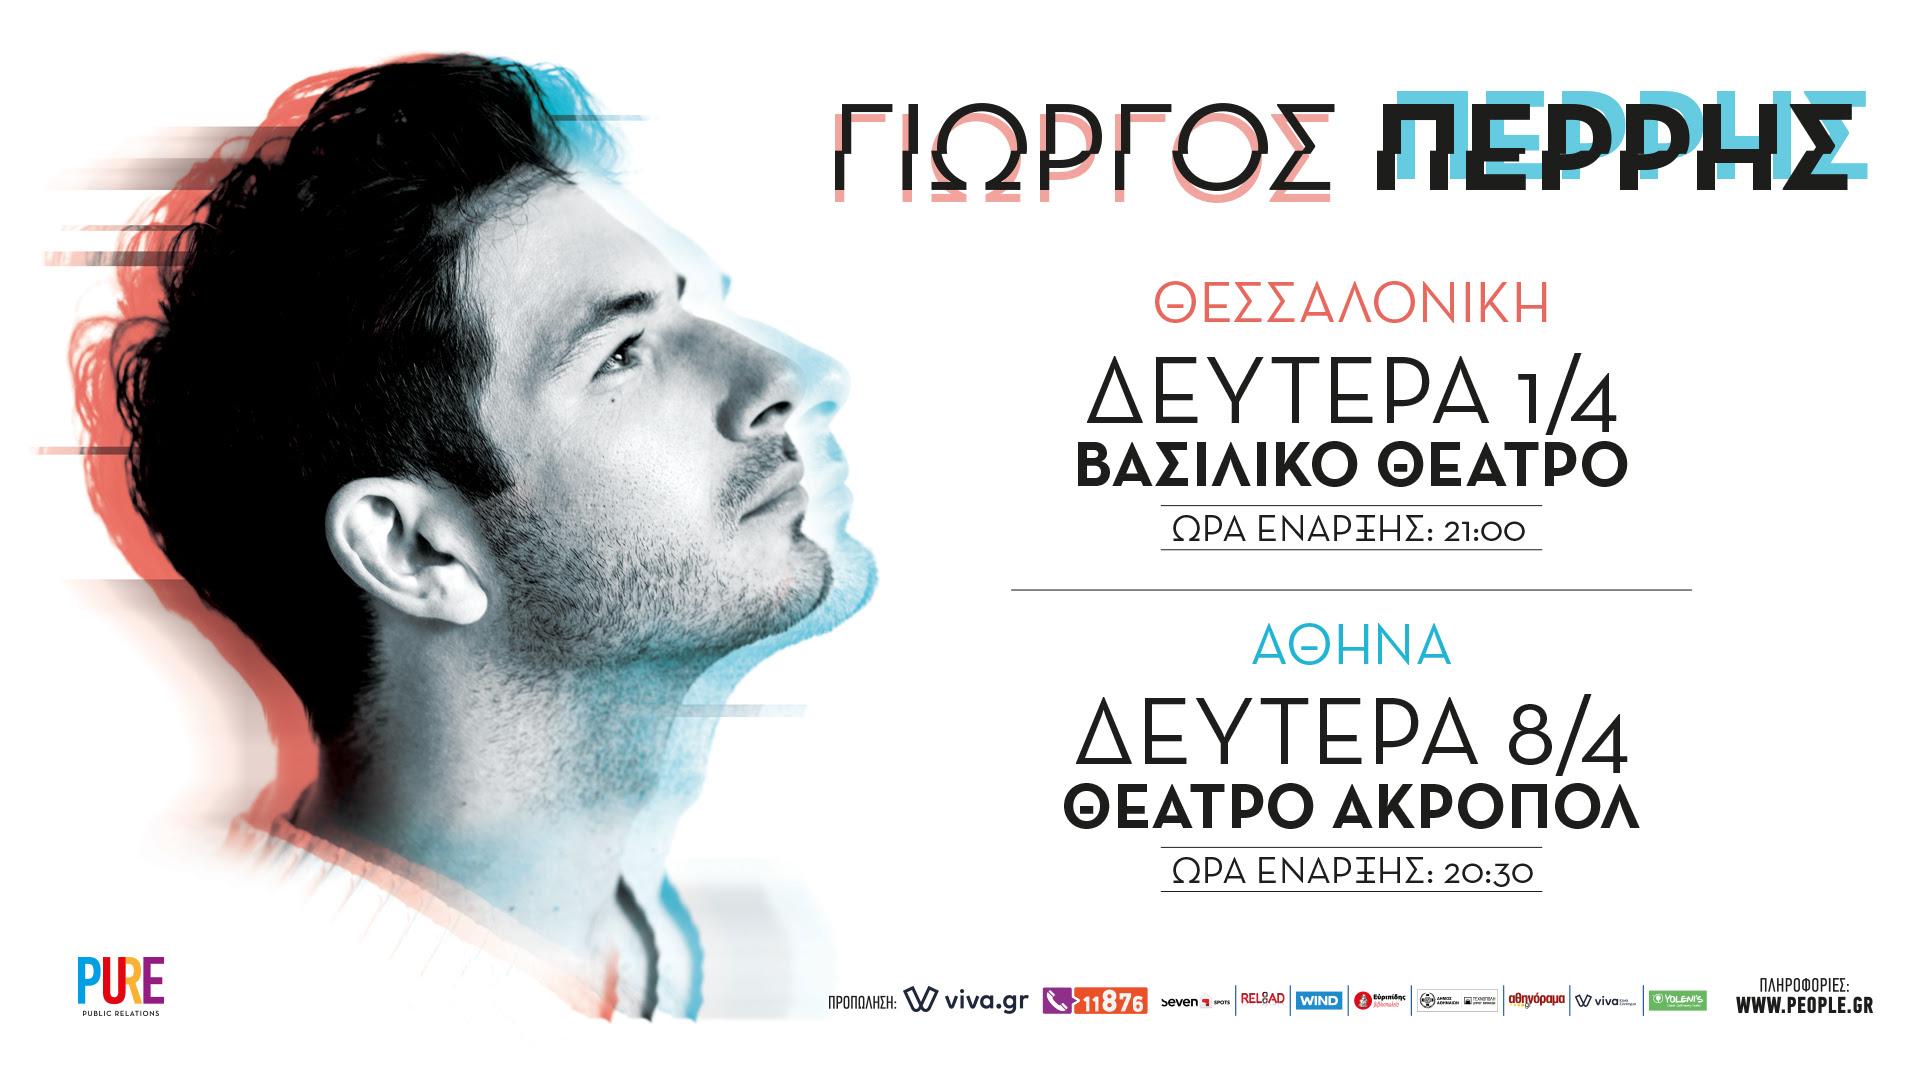 , Ο Γιώργος Περρής σε δύο συναυλίες σε Αθήνα και Θεσσαλονίκη